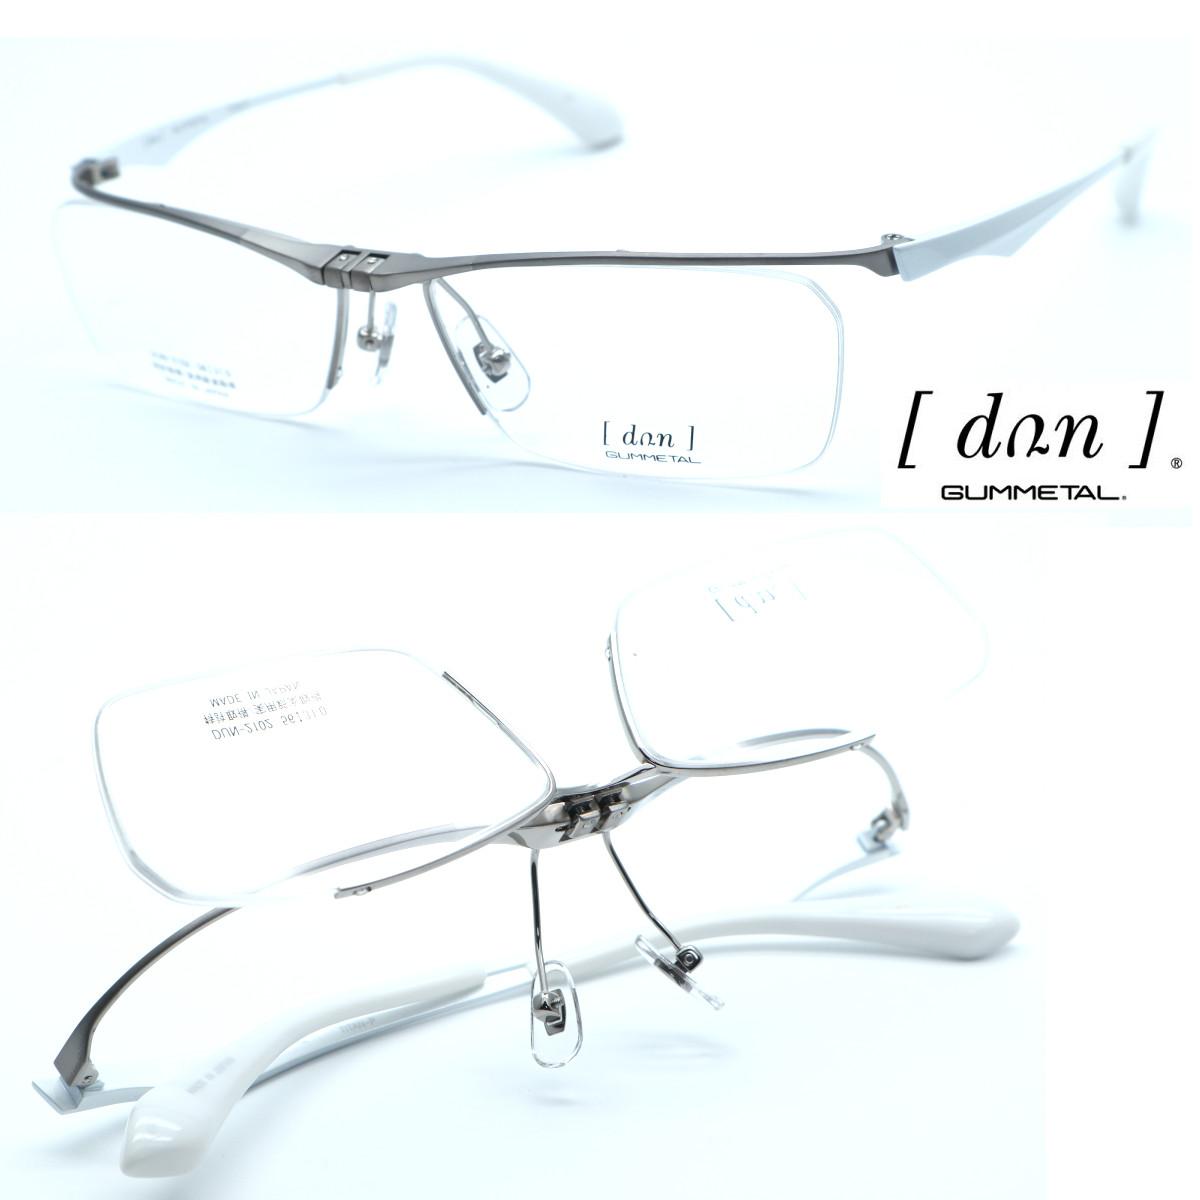 メガネのかけはずしの多い方にオススメ 様々な用途に使える跳ね上げ式フレーム DUN ドゥアン 特価 海外輸入 DUN-2101 col.27 単式 日本製 度付又は度無レンズセット 正規販売店品 メンズ 跳ね上げメガネ 店内全品送料無料 ユニセックス